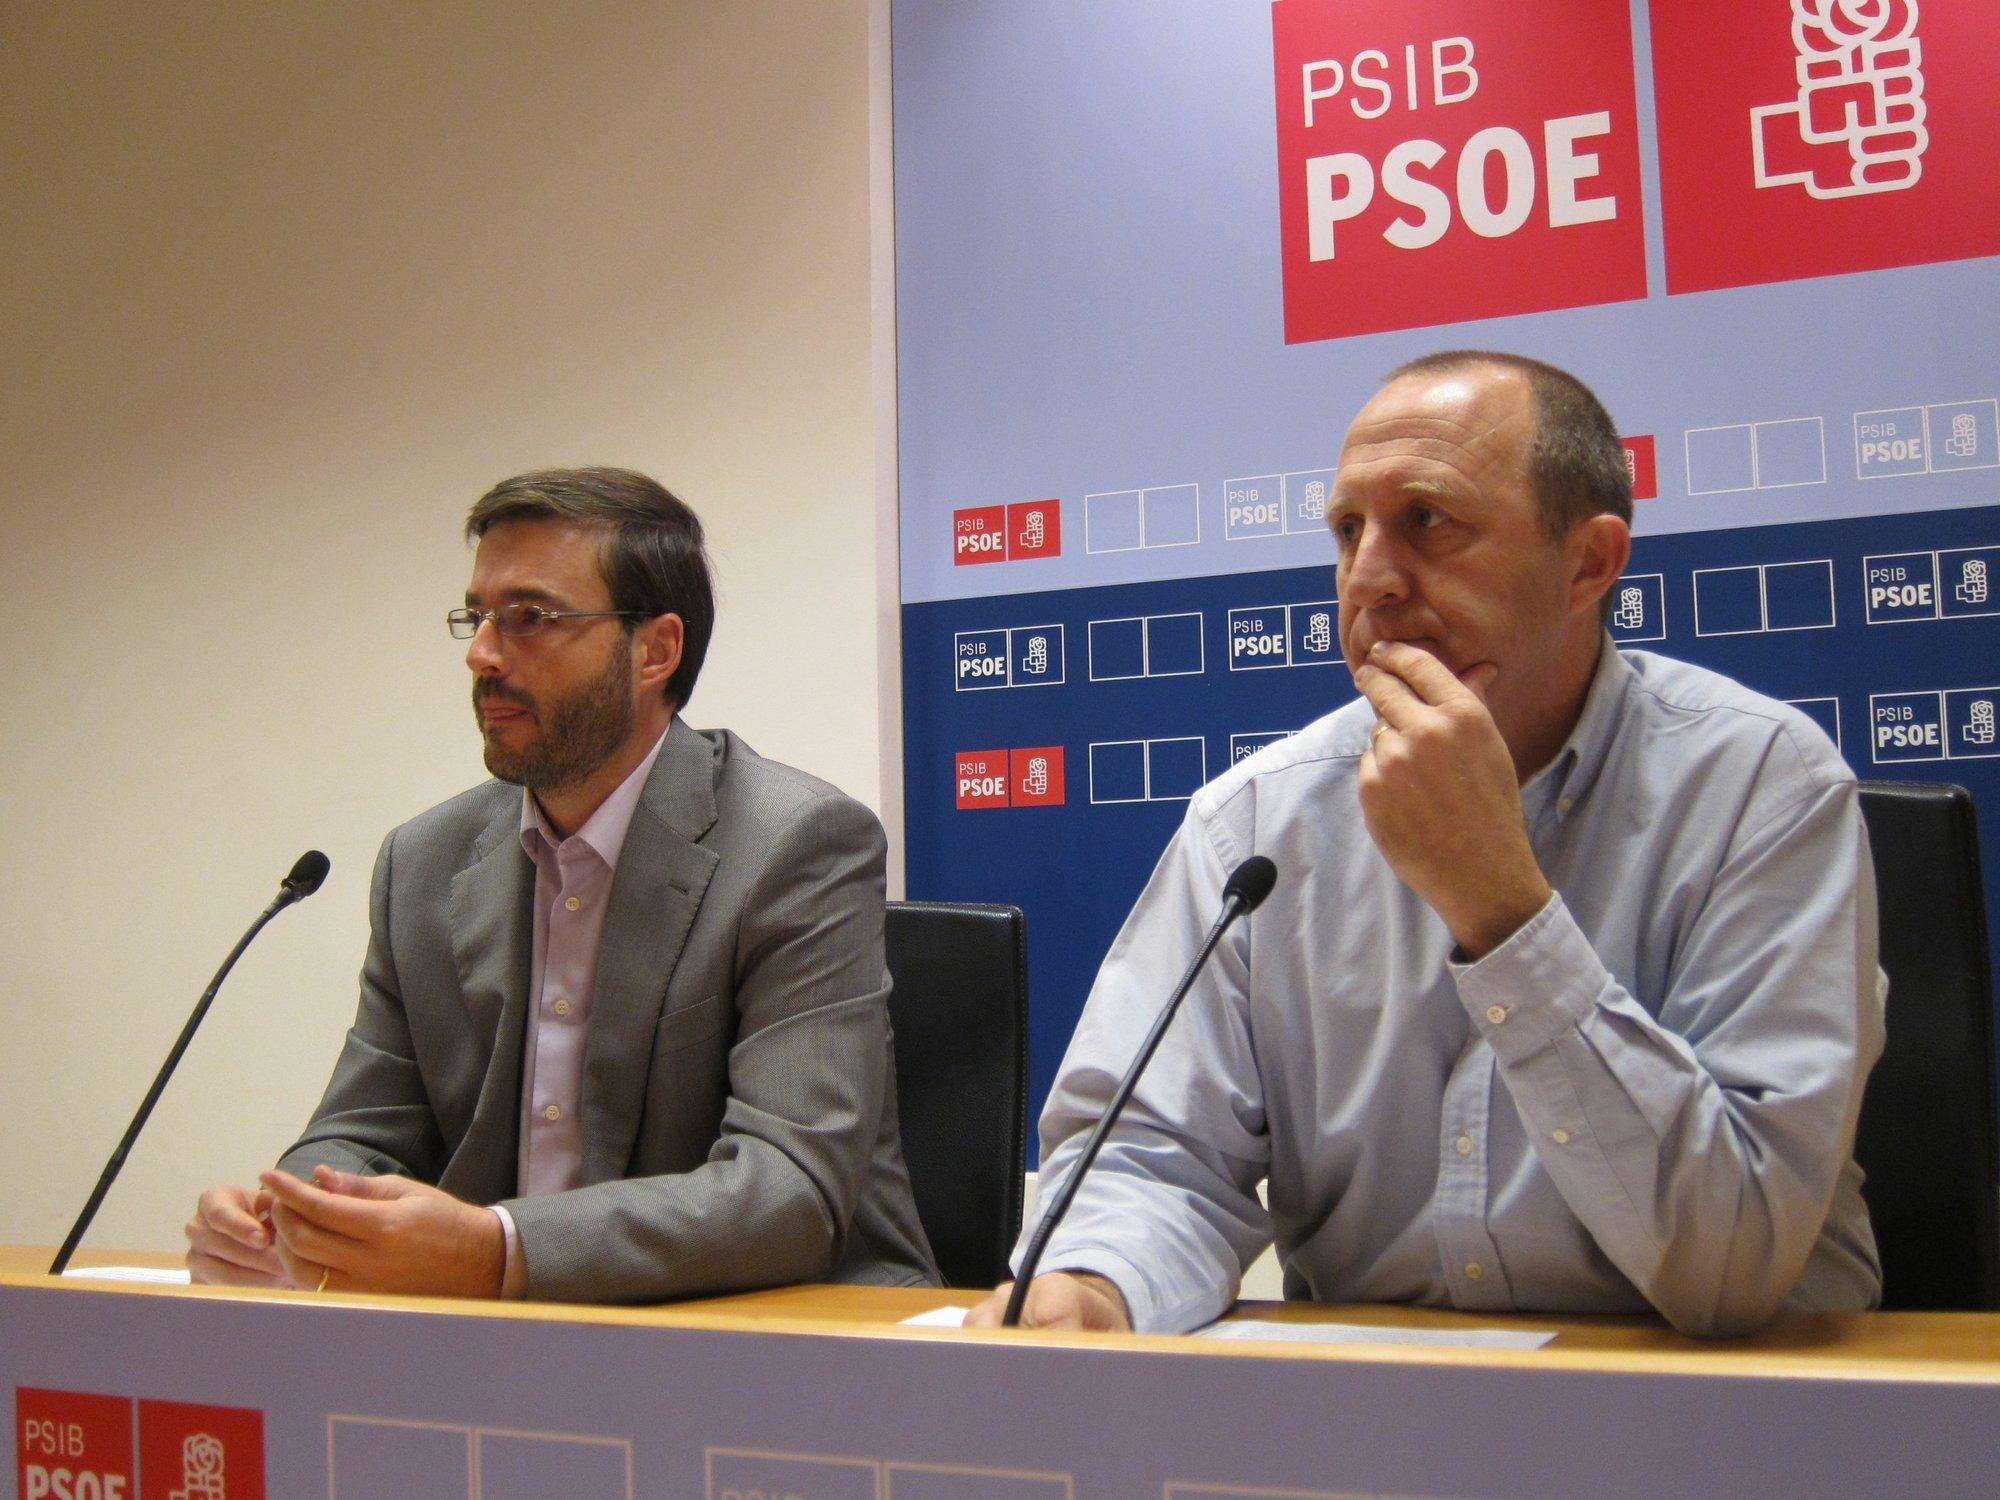 El PSIB de Palma critica que Garau tardara tanto en reunirse con los trabajadores de Emaya